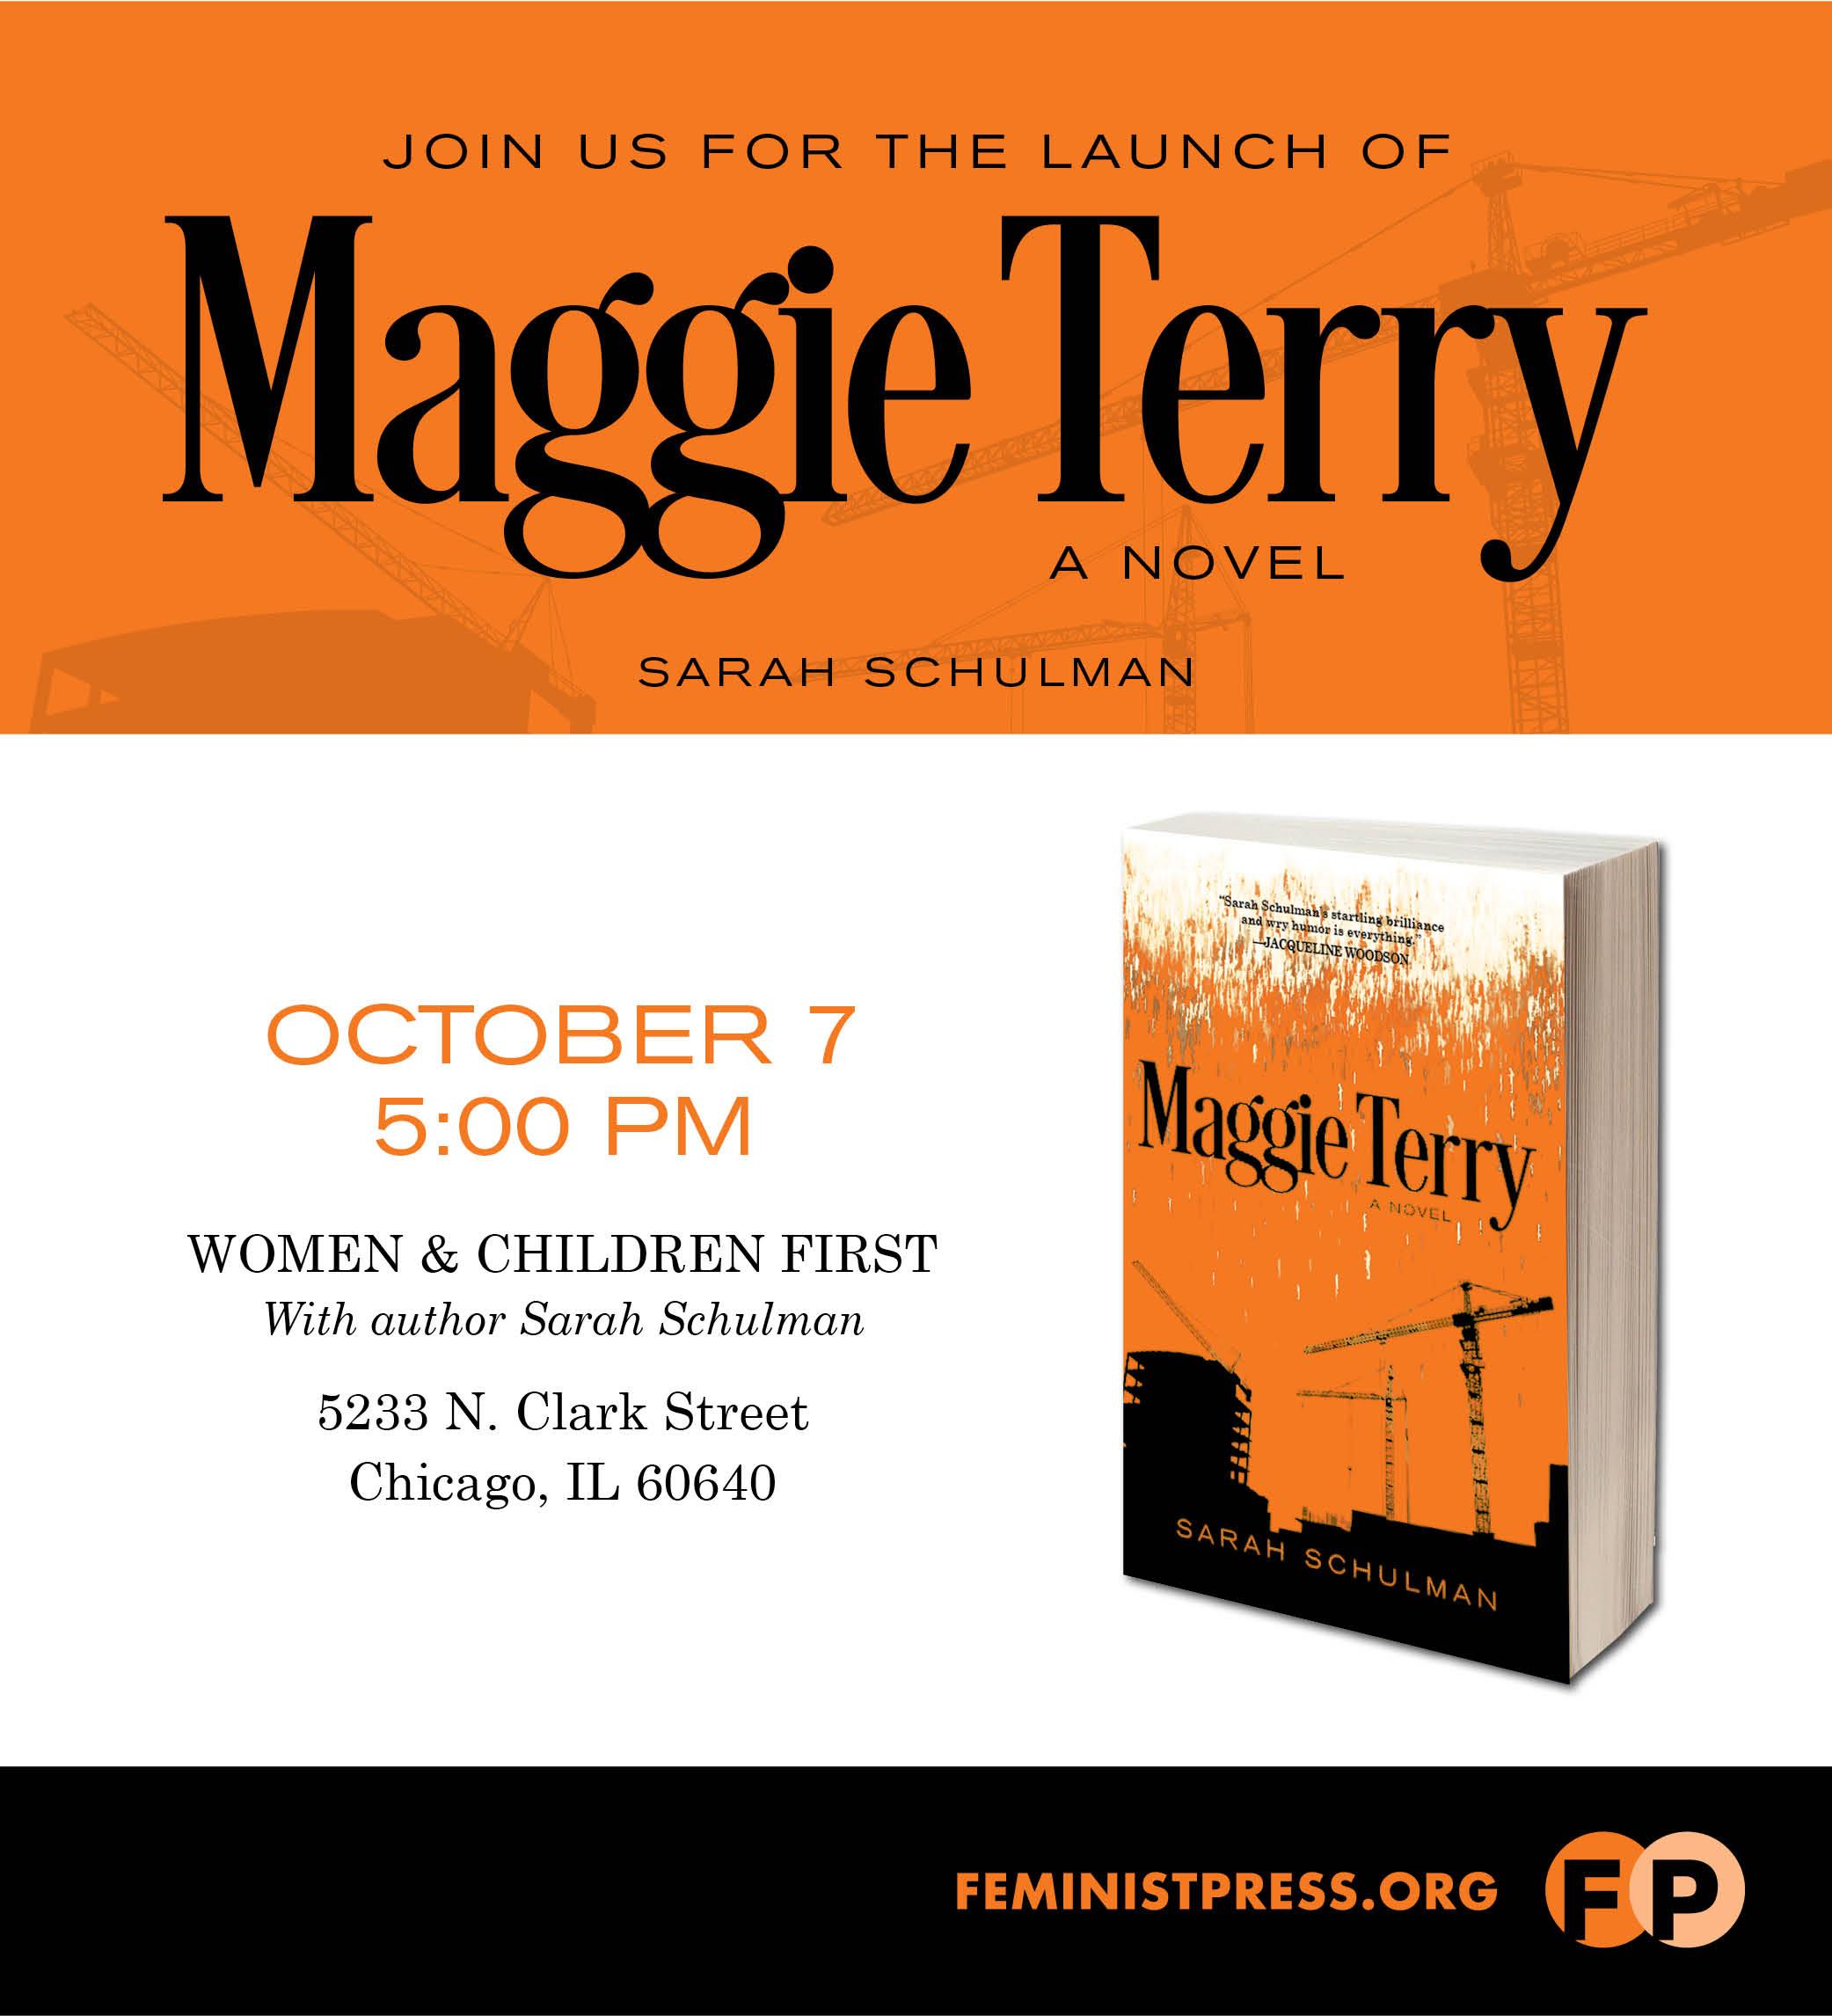 MAGGIE_TERRY_Event_eblast_WOMEN_AND_CHILDREN_FIRST.jpg